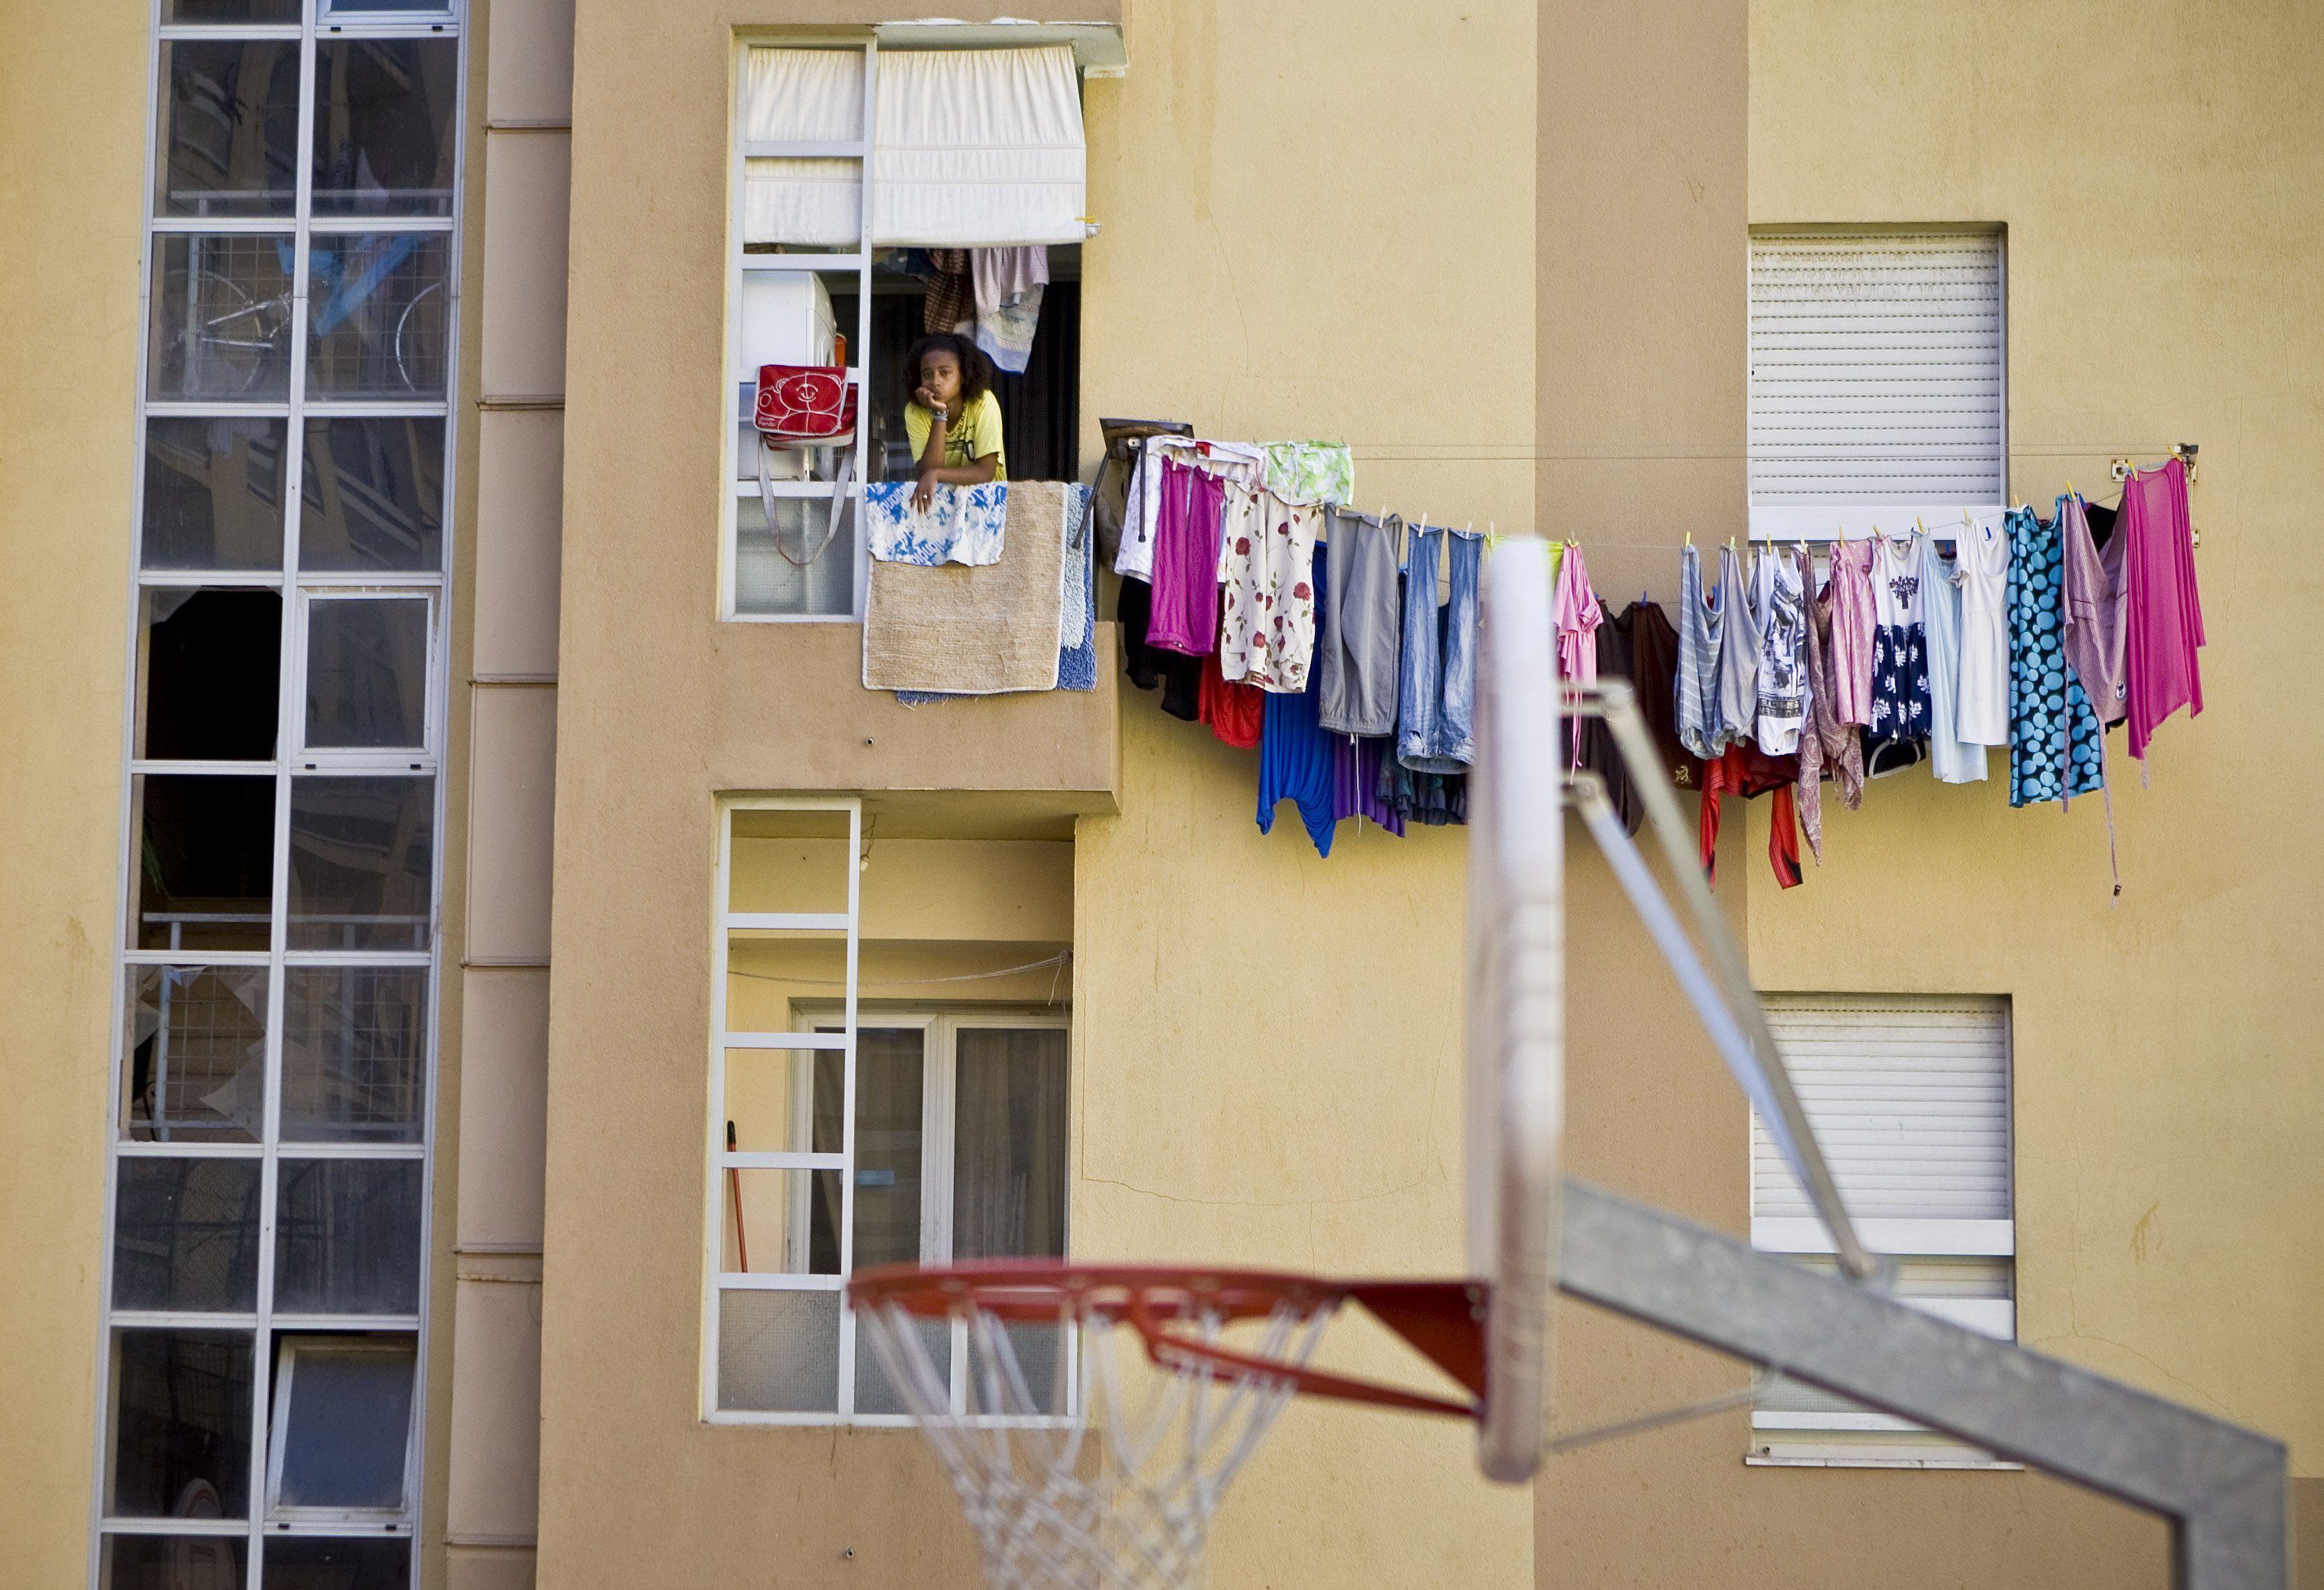 Nova lei das penhoras de casas entra em vigor 3.ª feira - diploma